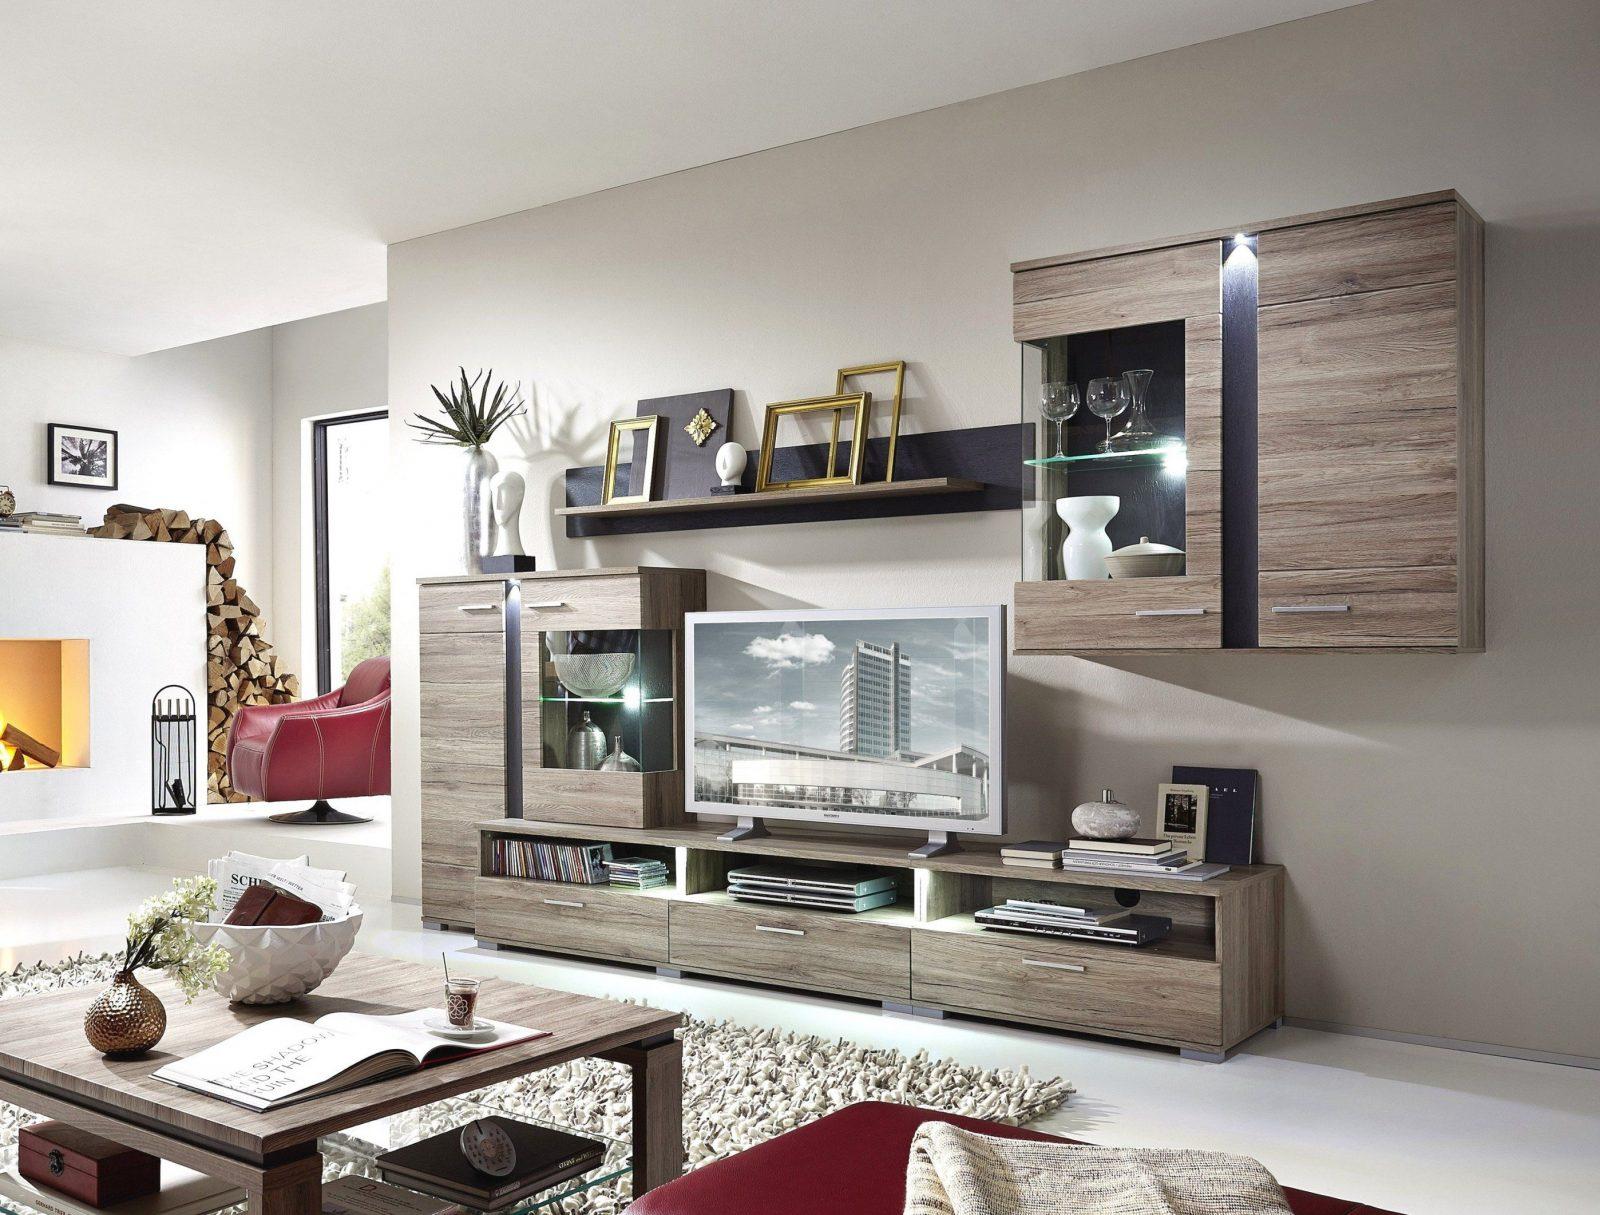 Welche Wandfarbe Passt Zu Dunkelbraunen Möbeln Luxus Dunkle Möbel von Welche Wandfarbe Passt Zu Dunkelbraunen Möbeln Photo